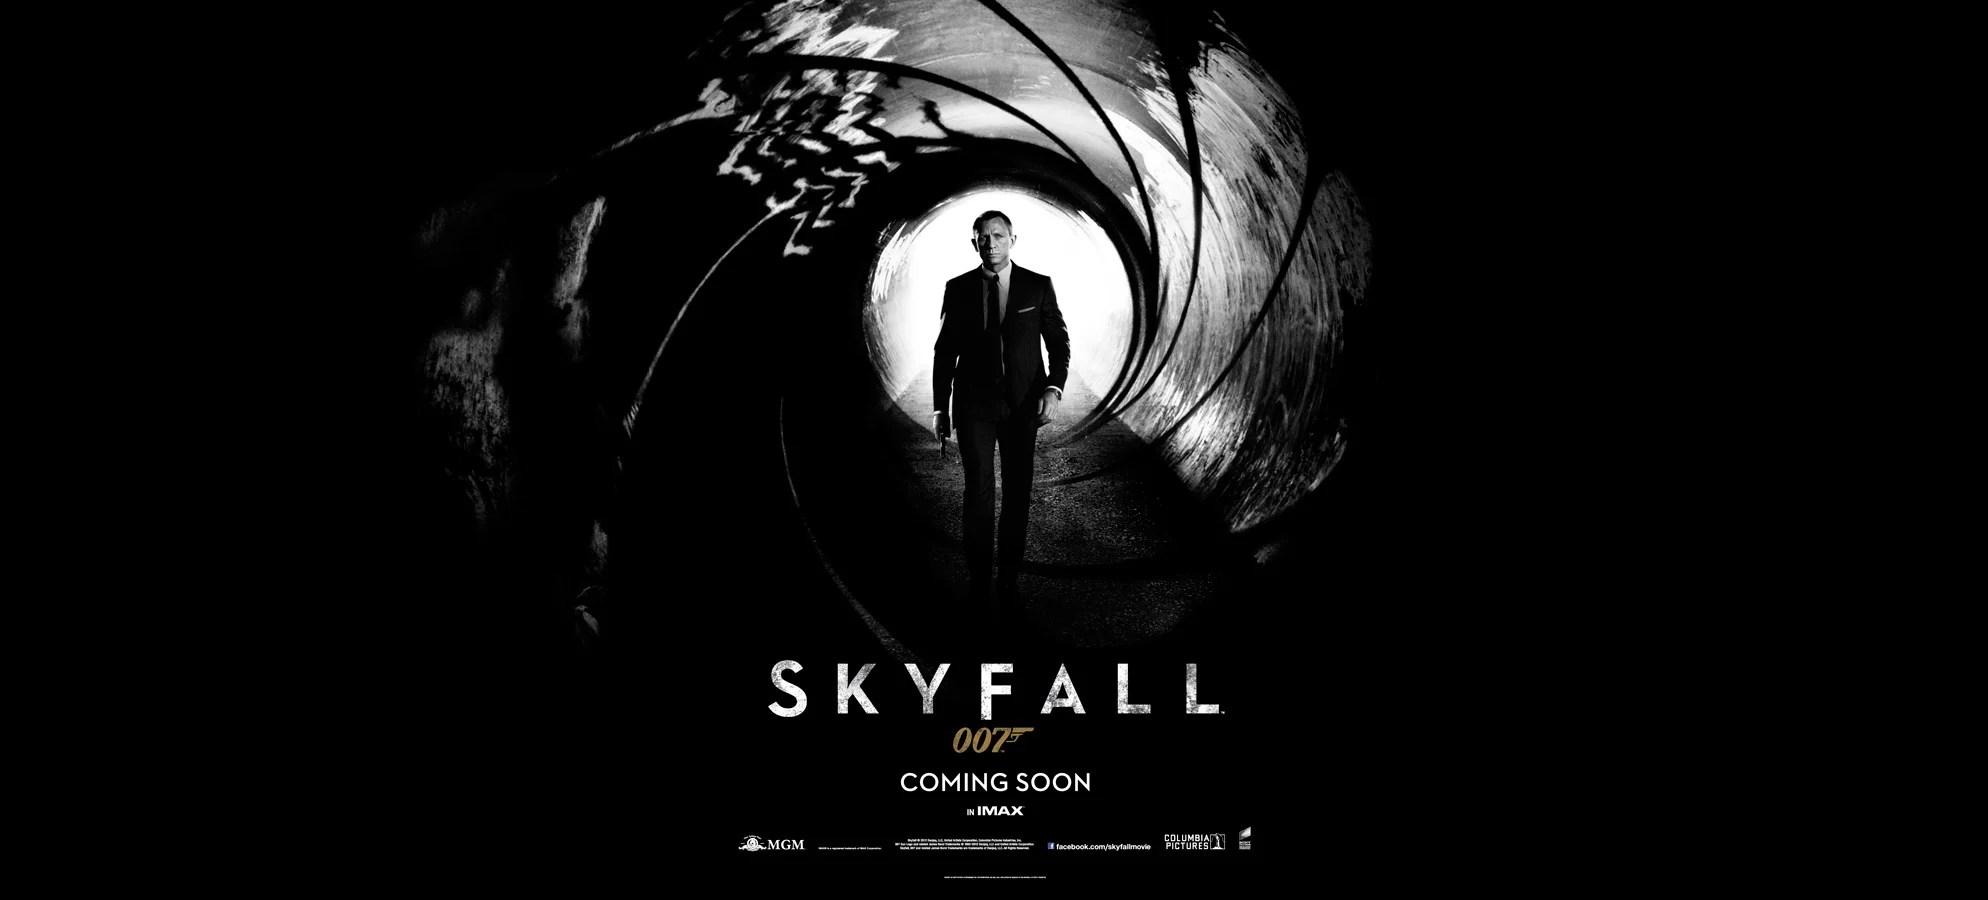 SKYFALL Poster Revealed